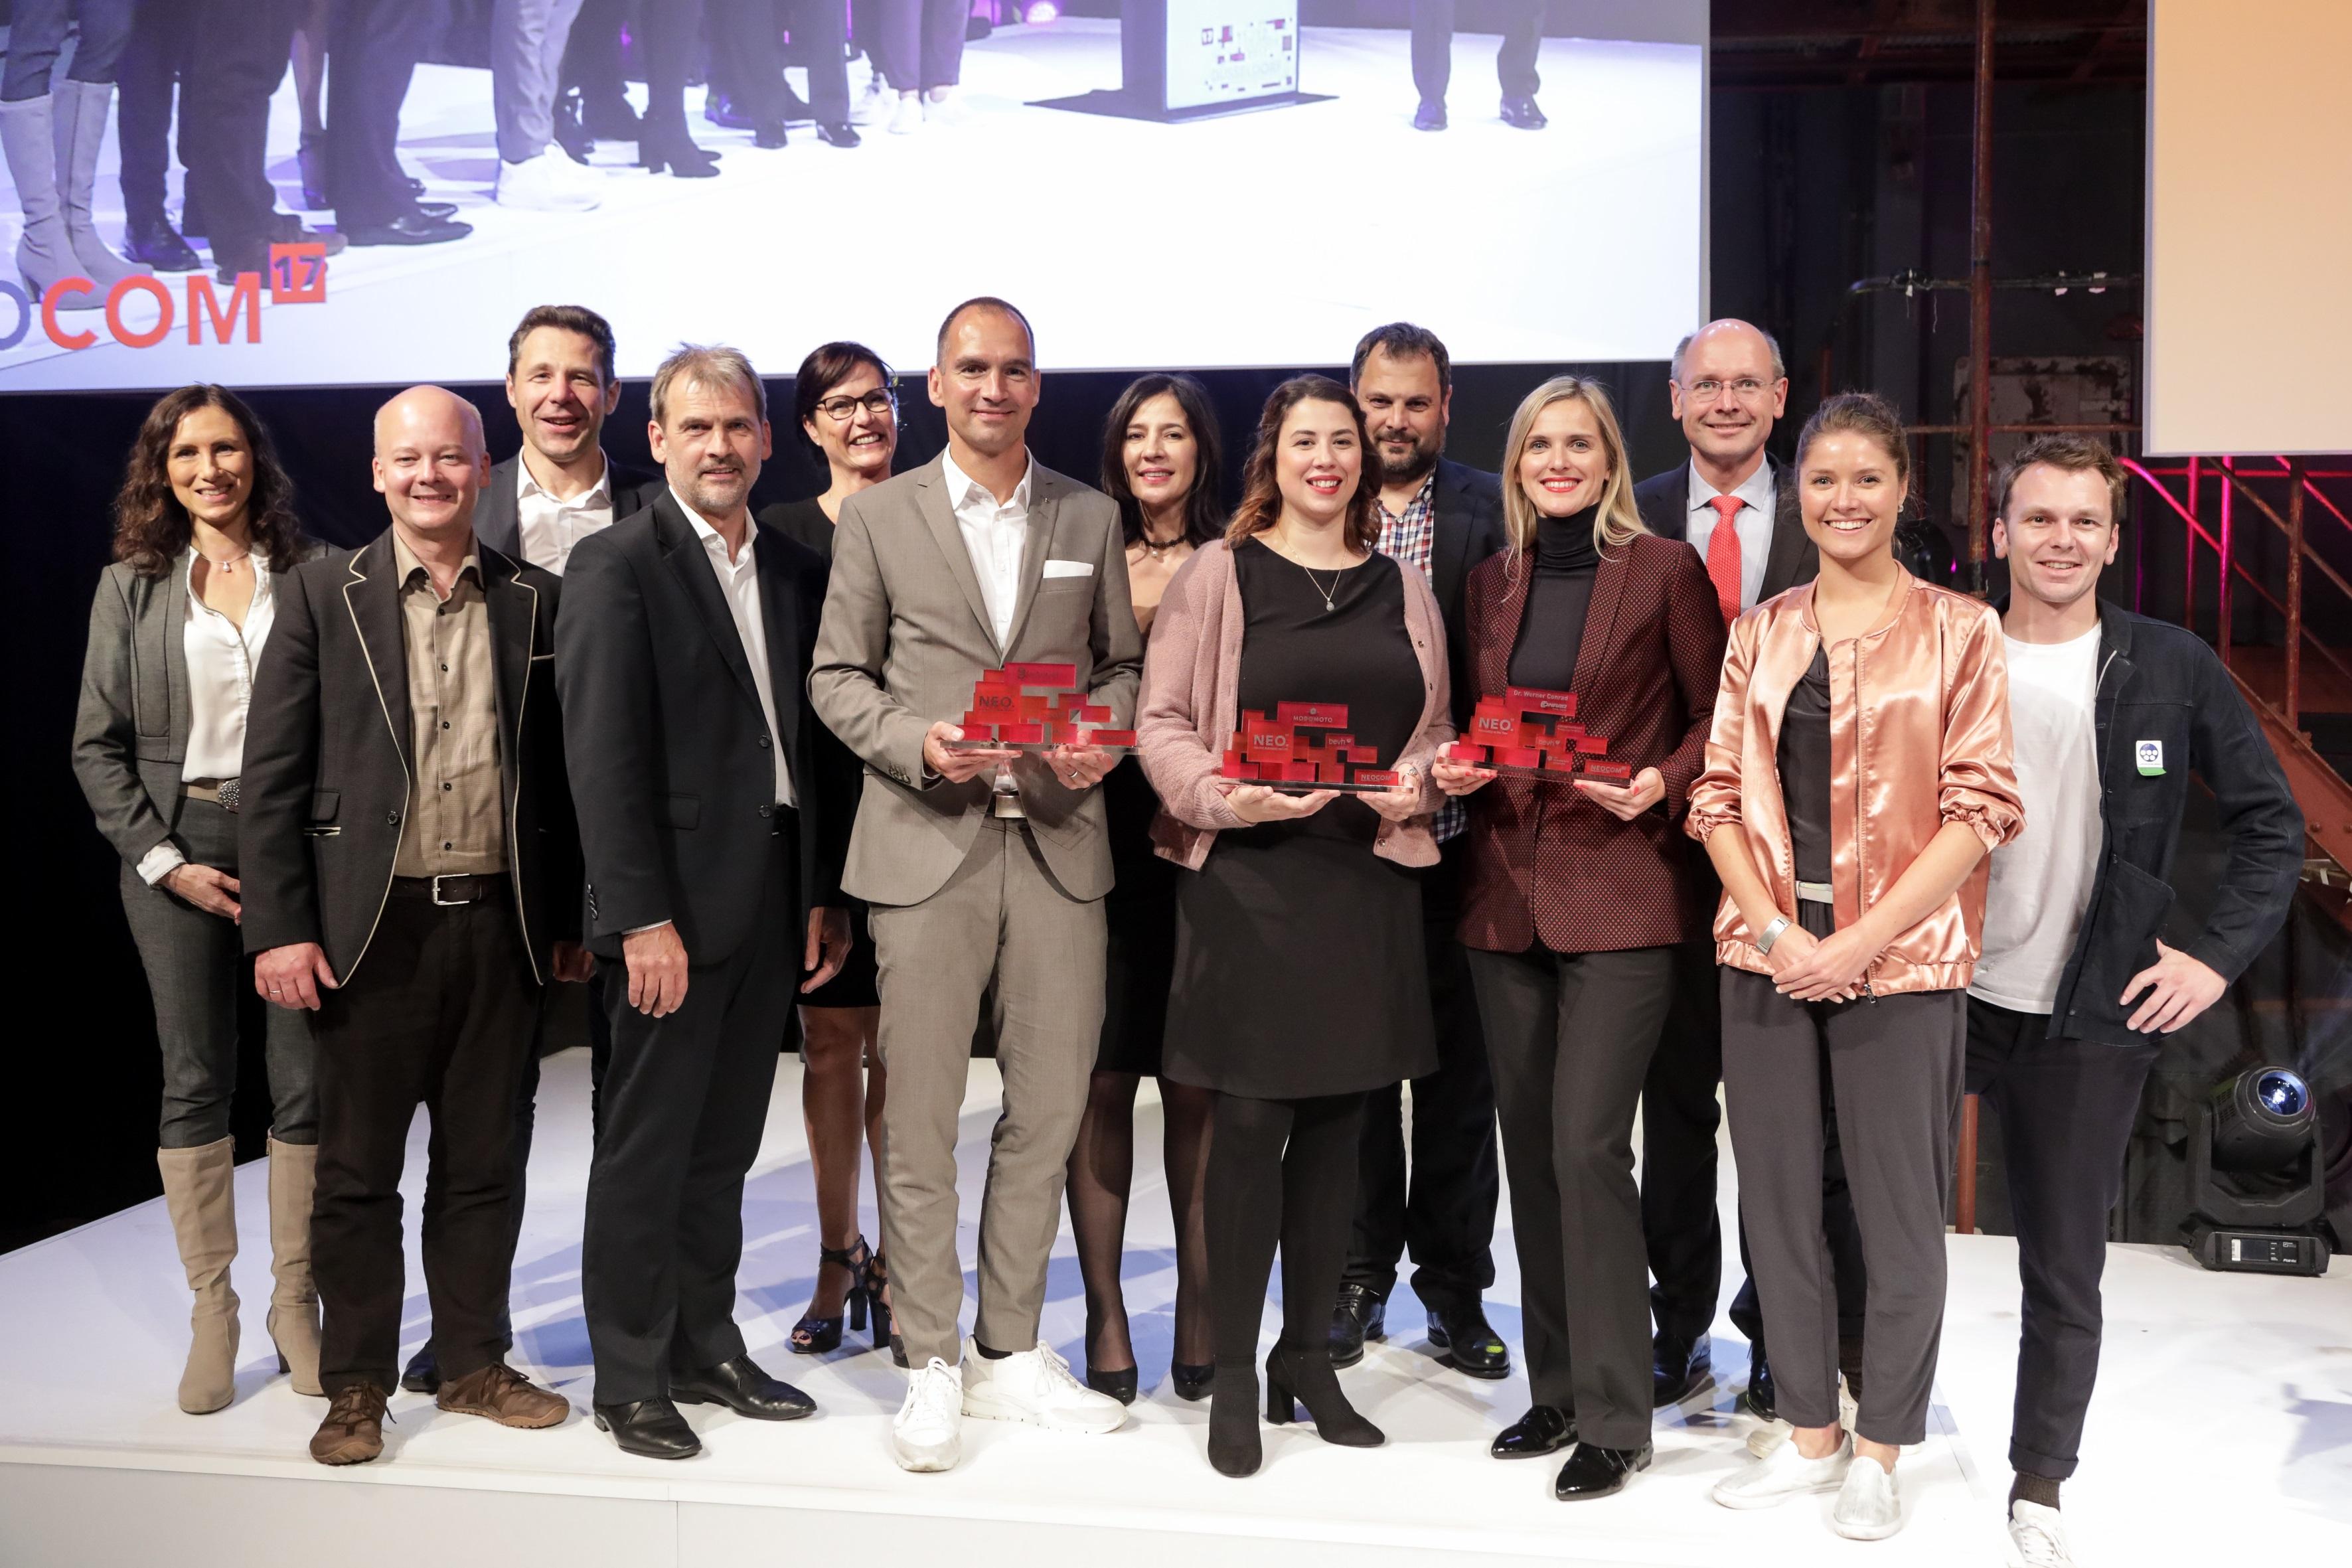 Rose Bikes belegt zweiten Platz beim NEO Award 2017 - Branchenpreis ehrt Leuchtturm-Konzepte des digitalen Handels